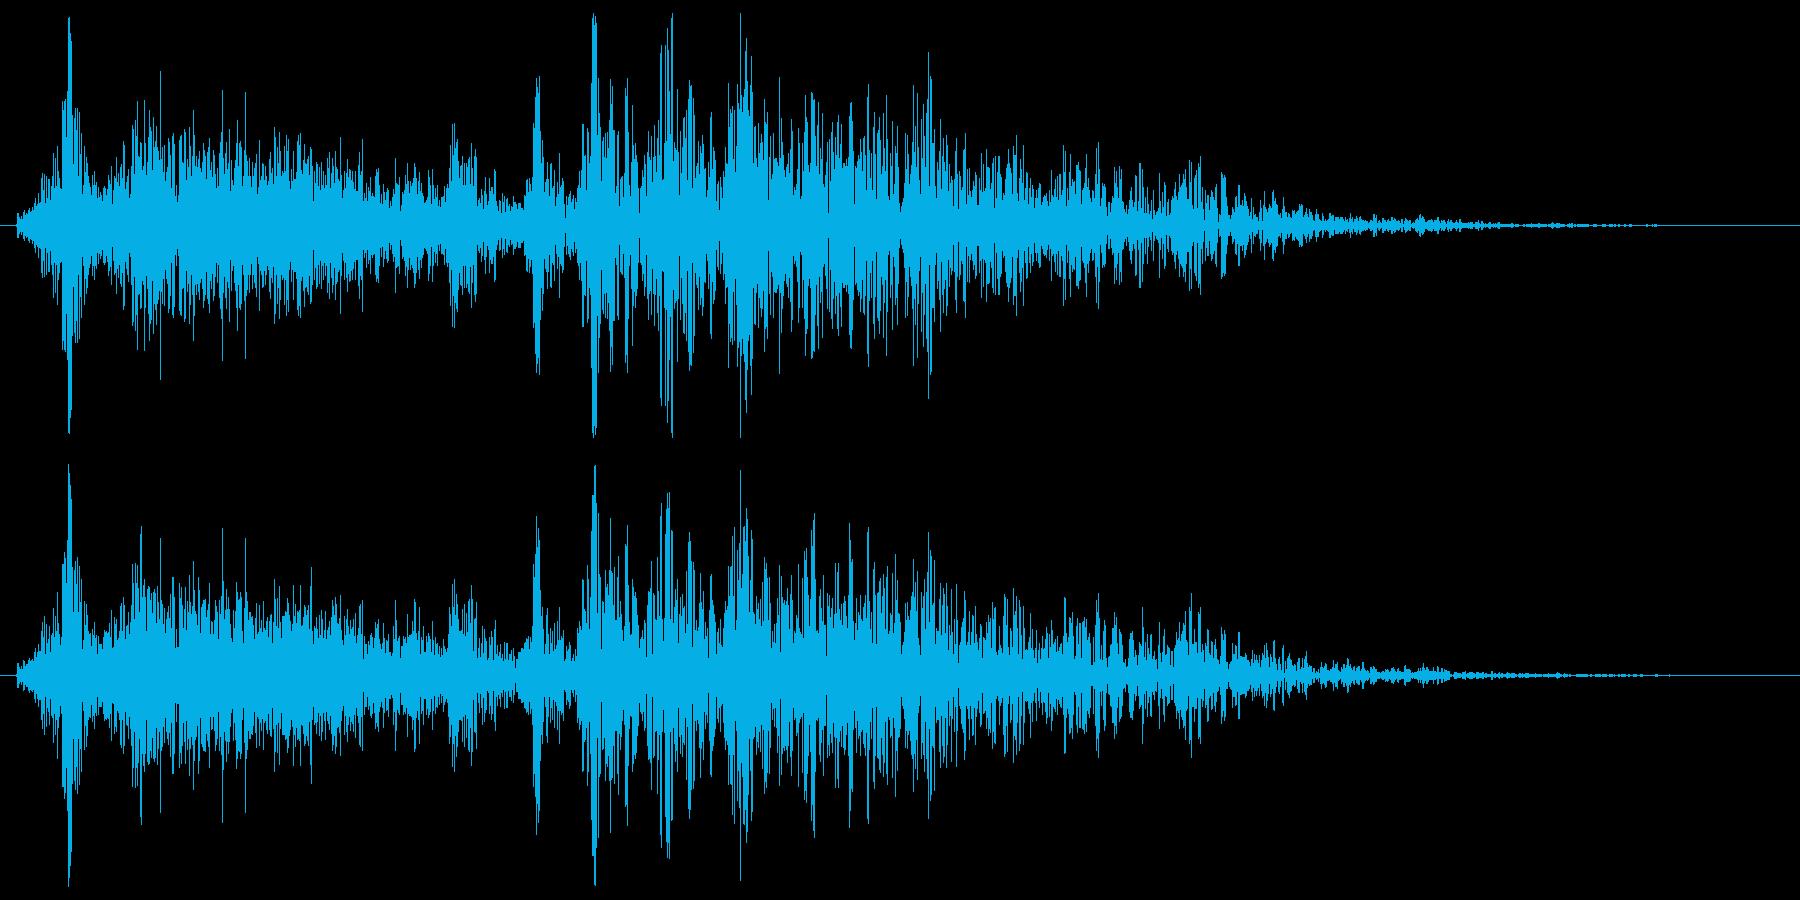 モンスター・海洋生物の触手がダウンする音の再生済みの波形